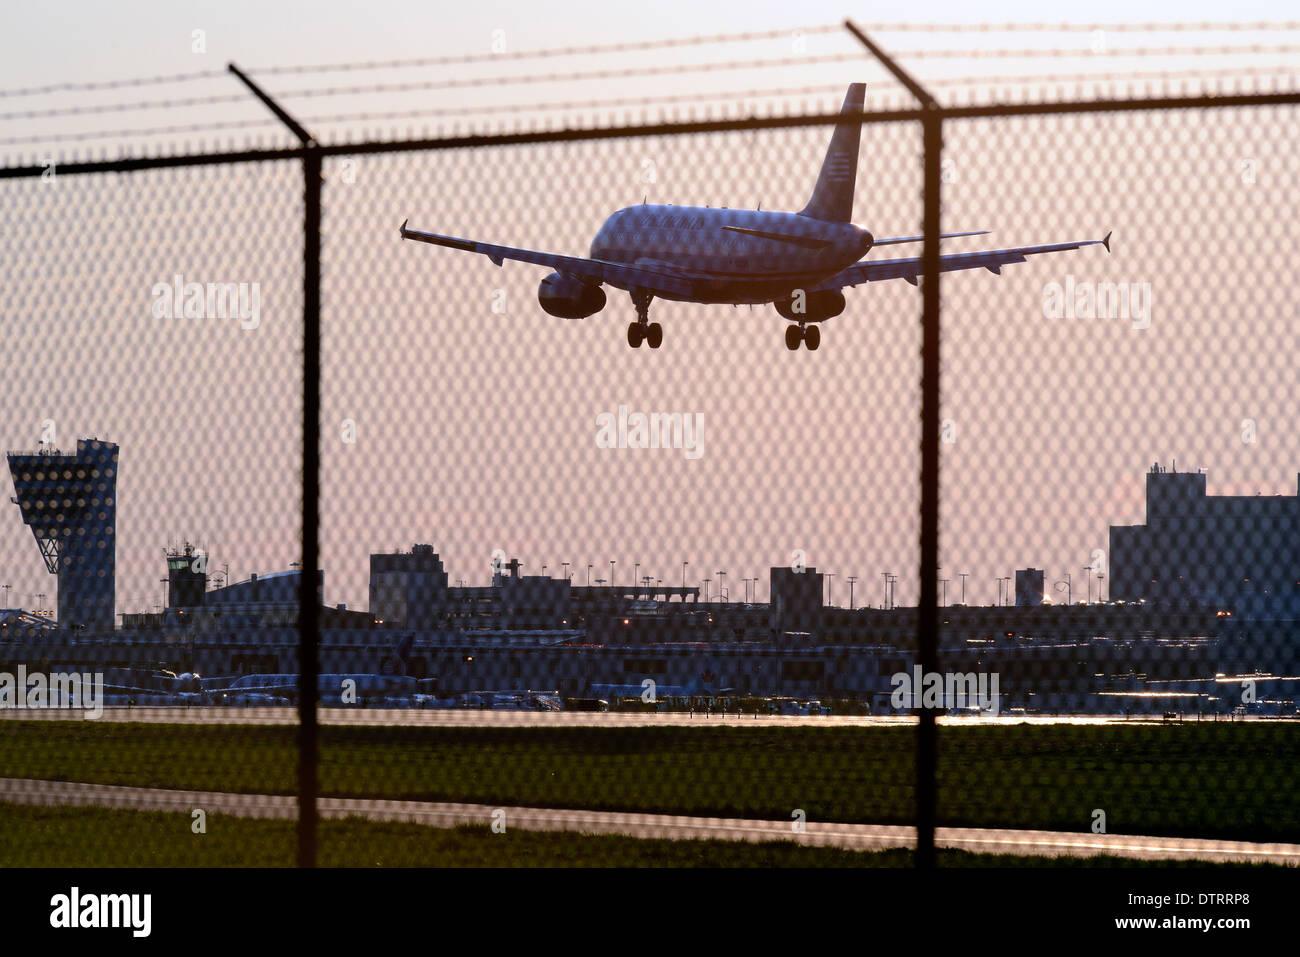 Flugreisen Sie in Philadelphia International Airport in Philadelphia, Pennsylvania. Stockbild